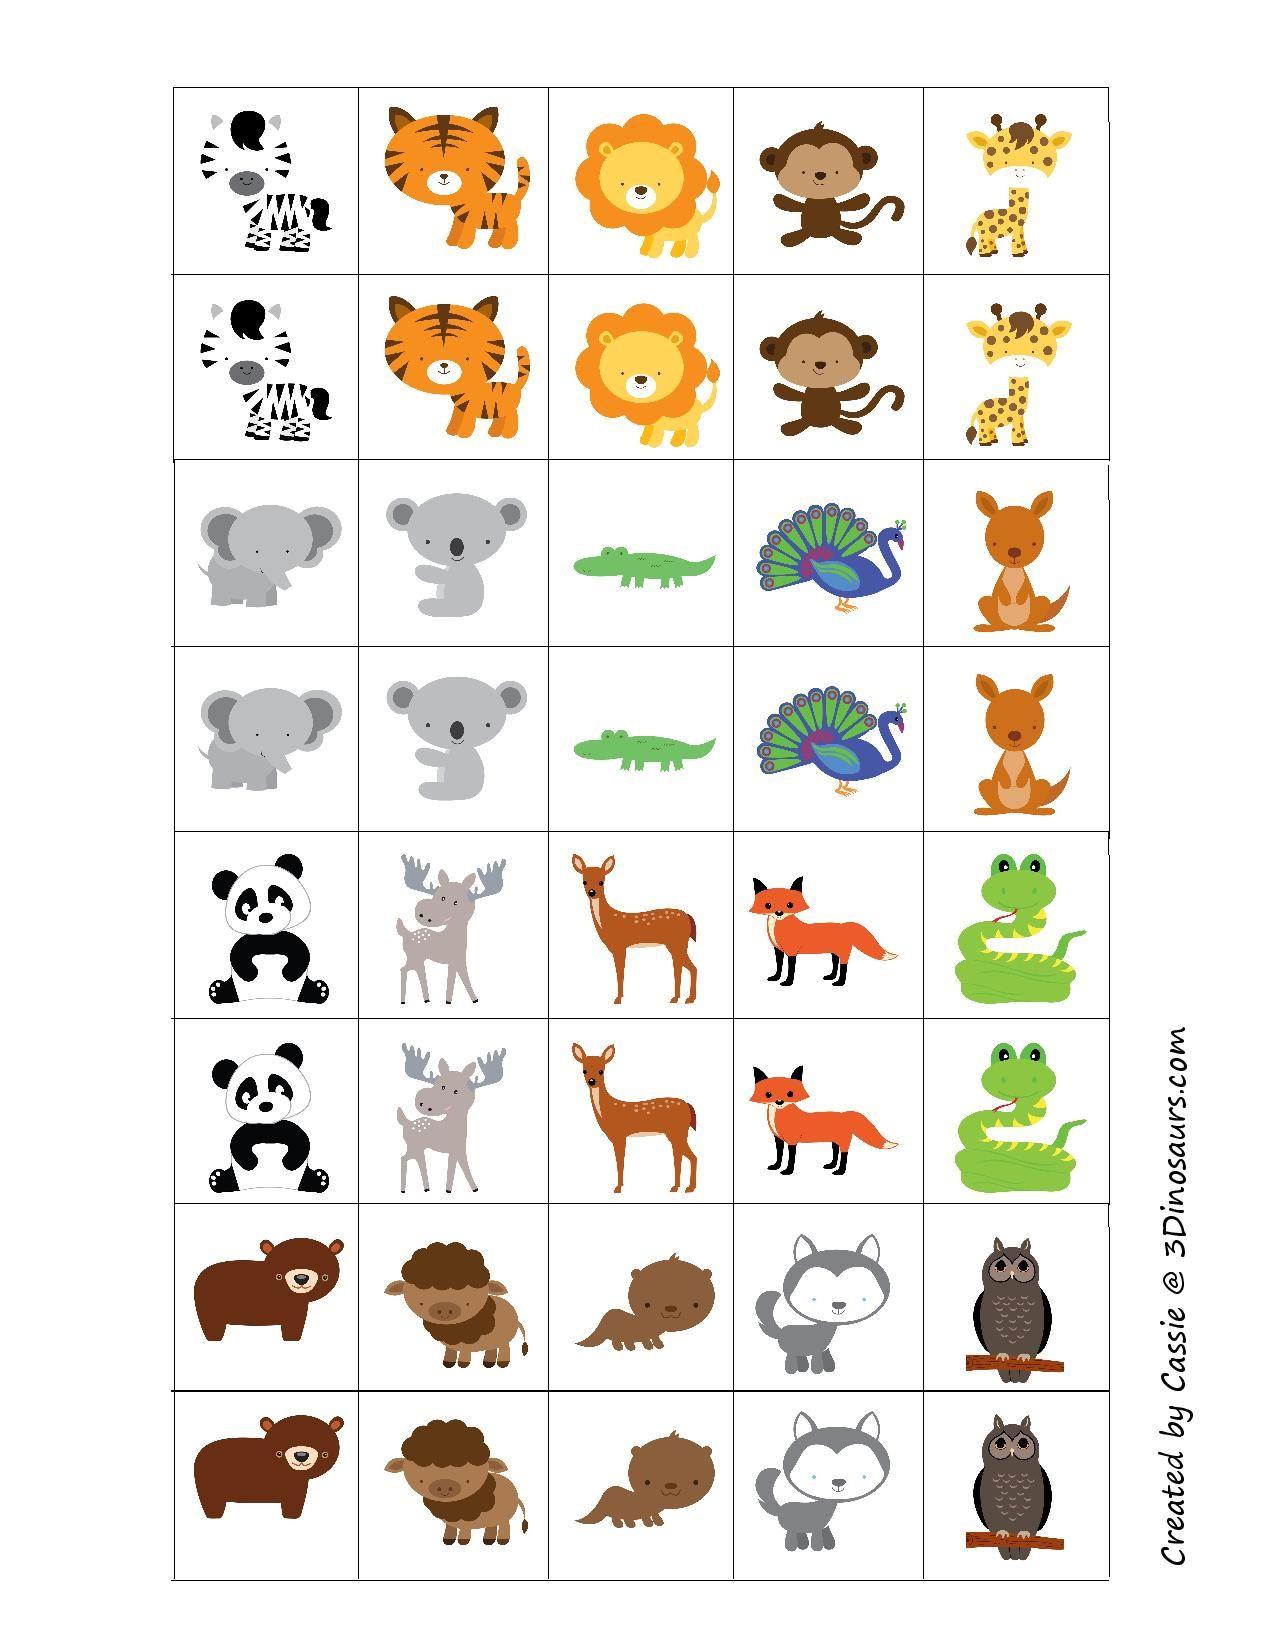 pingl par jana lond kov sur zvierat pinterest jeux memoire jeu et plastifieuse. Black Bedroom Furniture Sets. Home Design Ideas